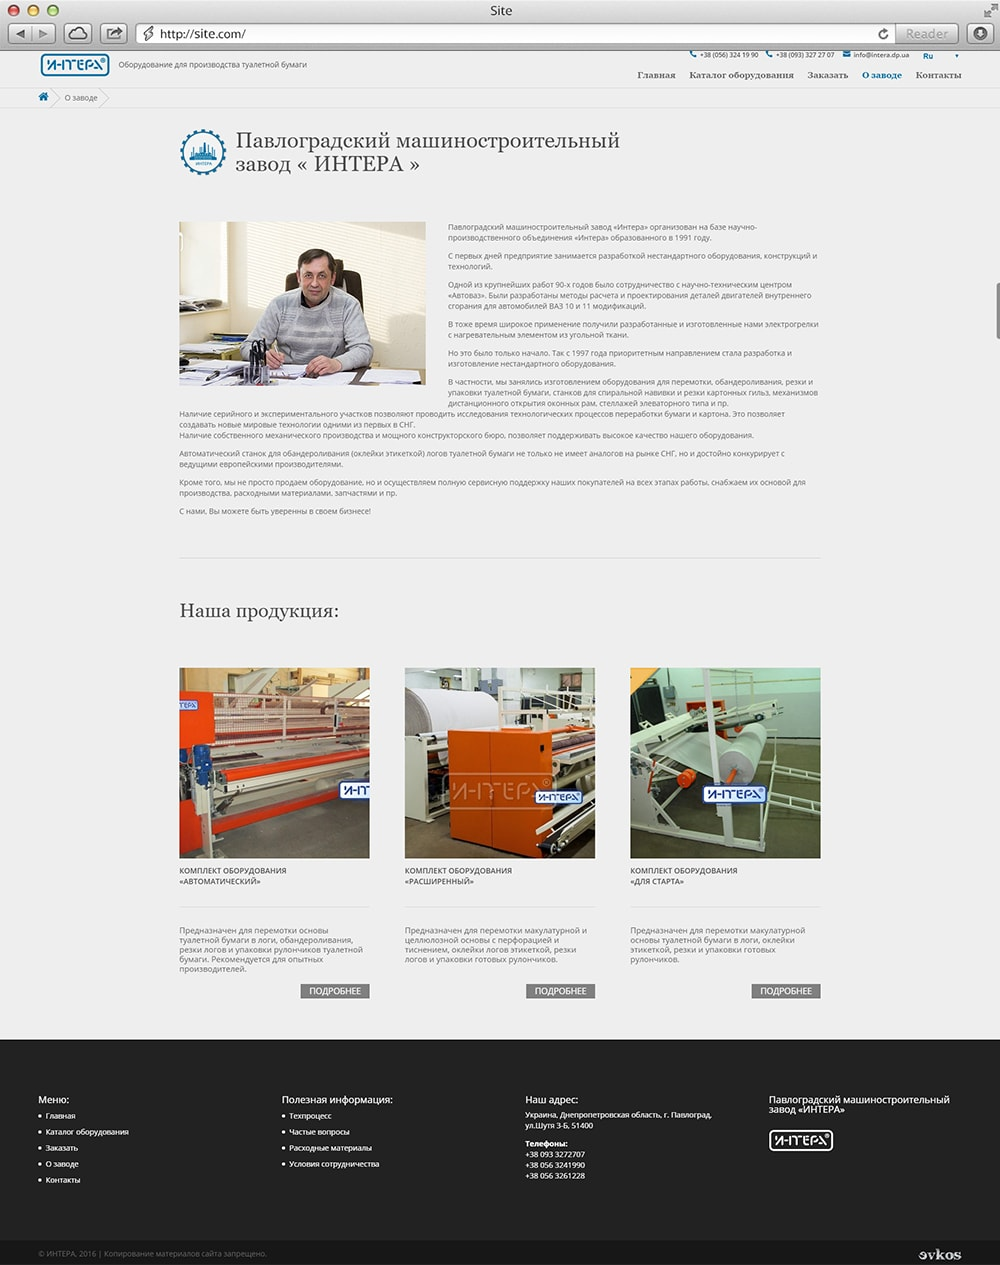 Страница о компании